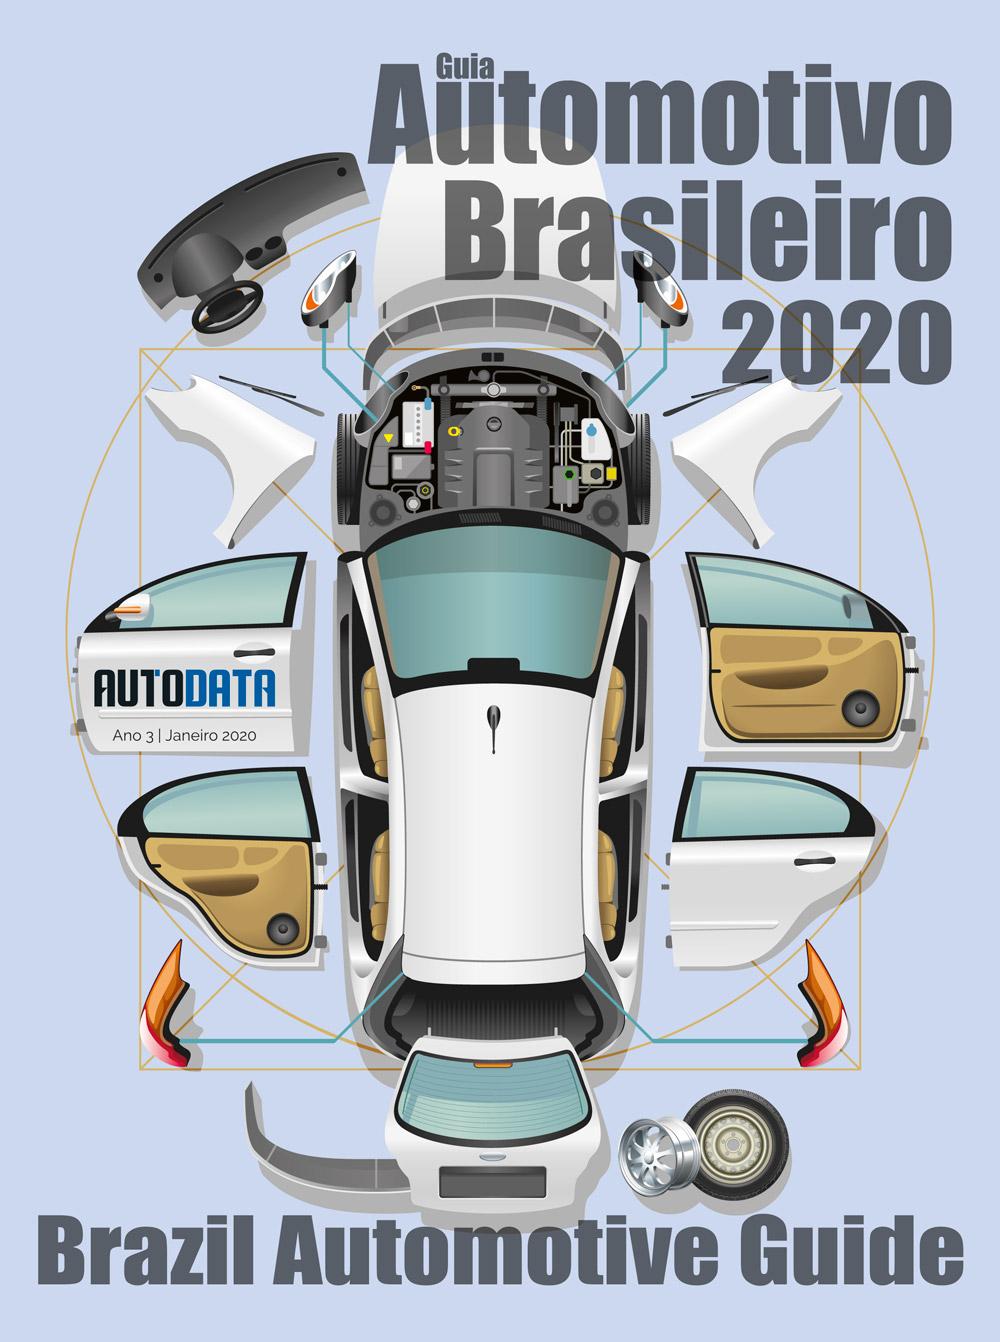 Guia Automotivo Brasileiro